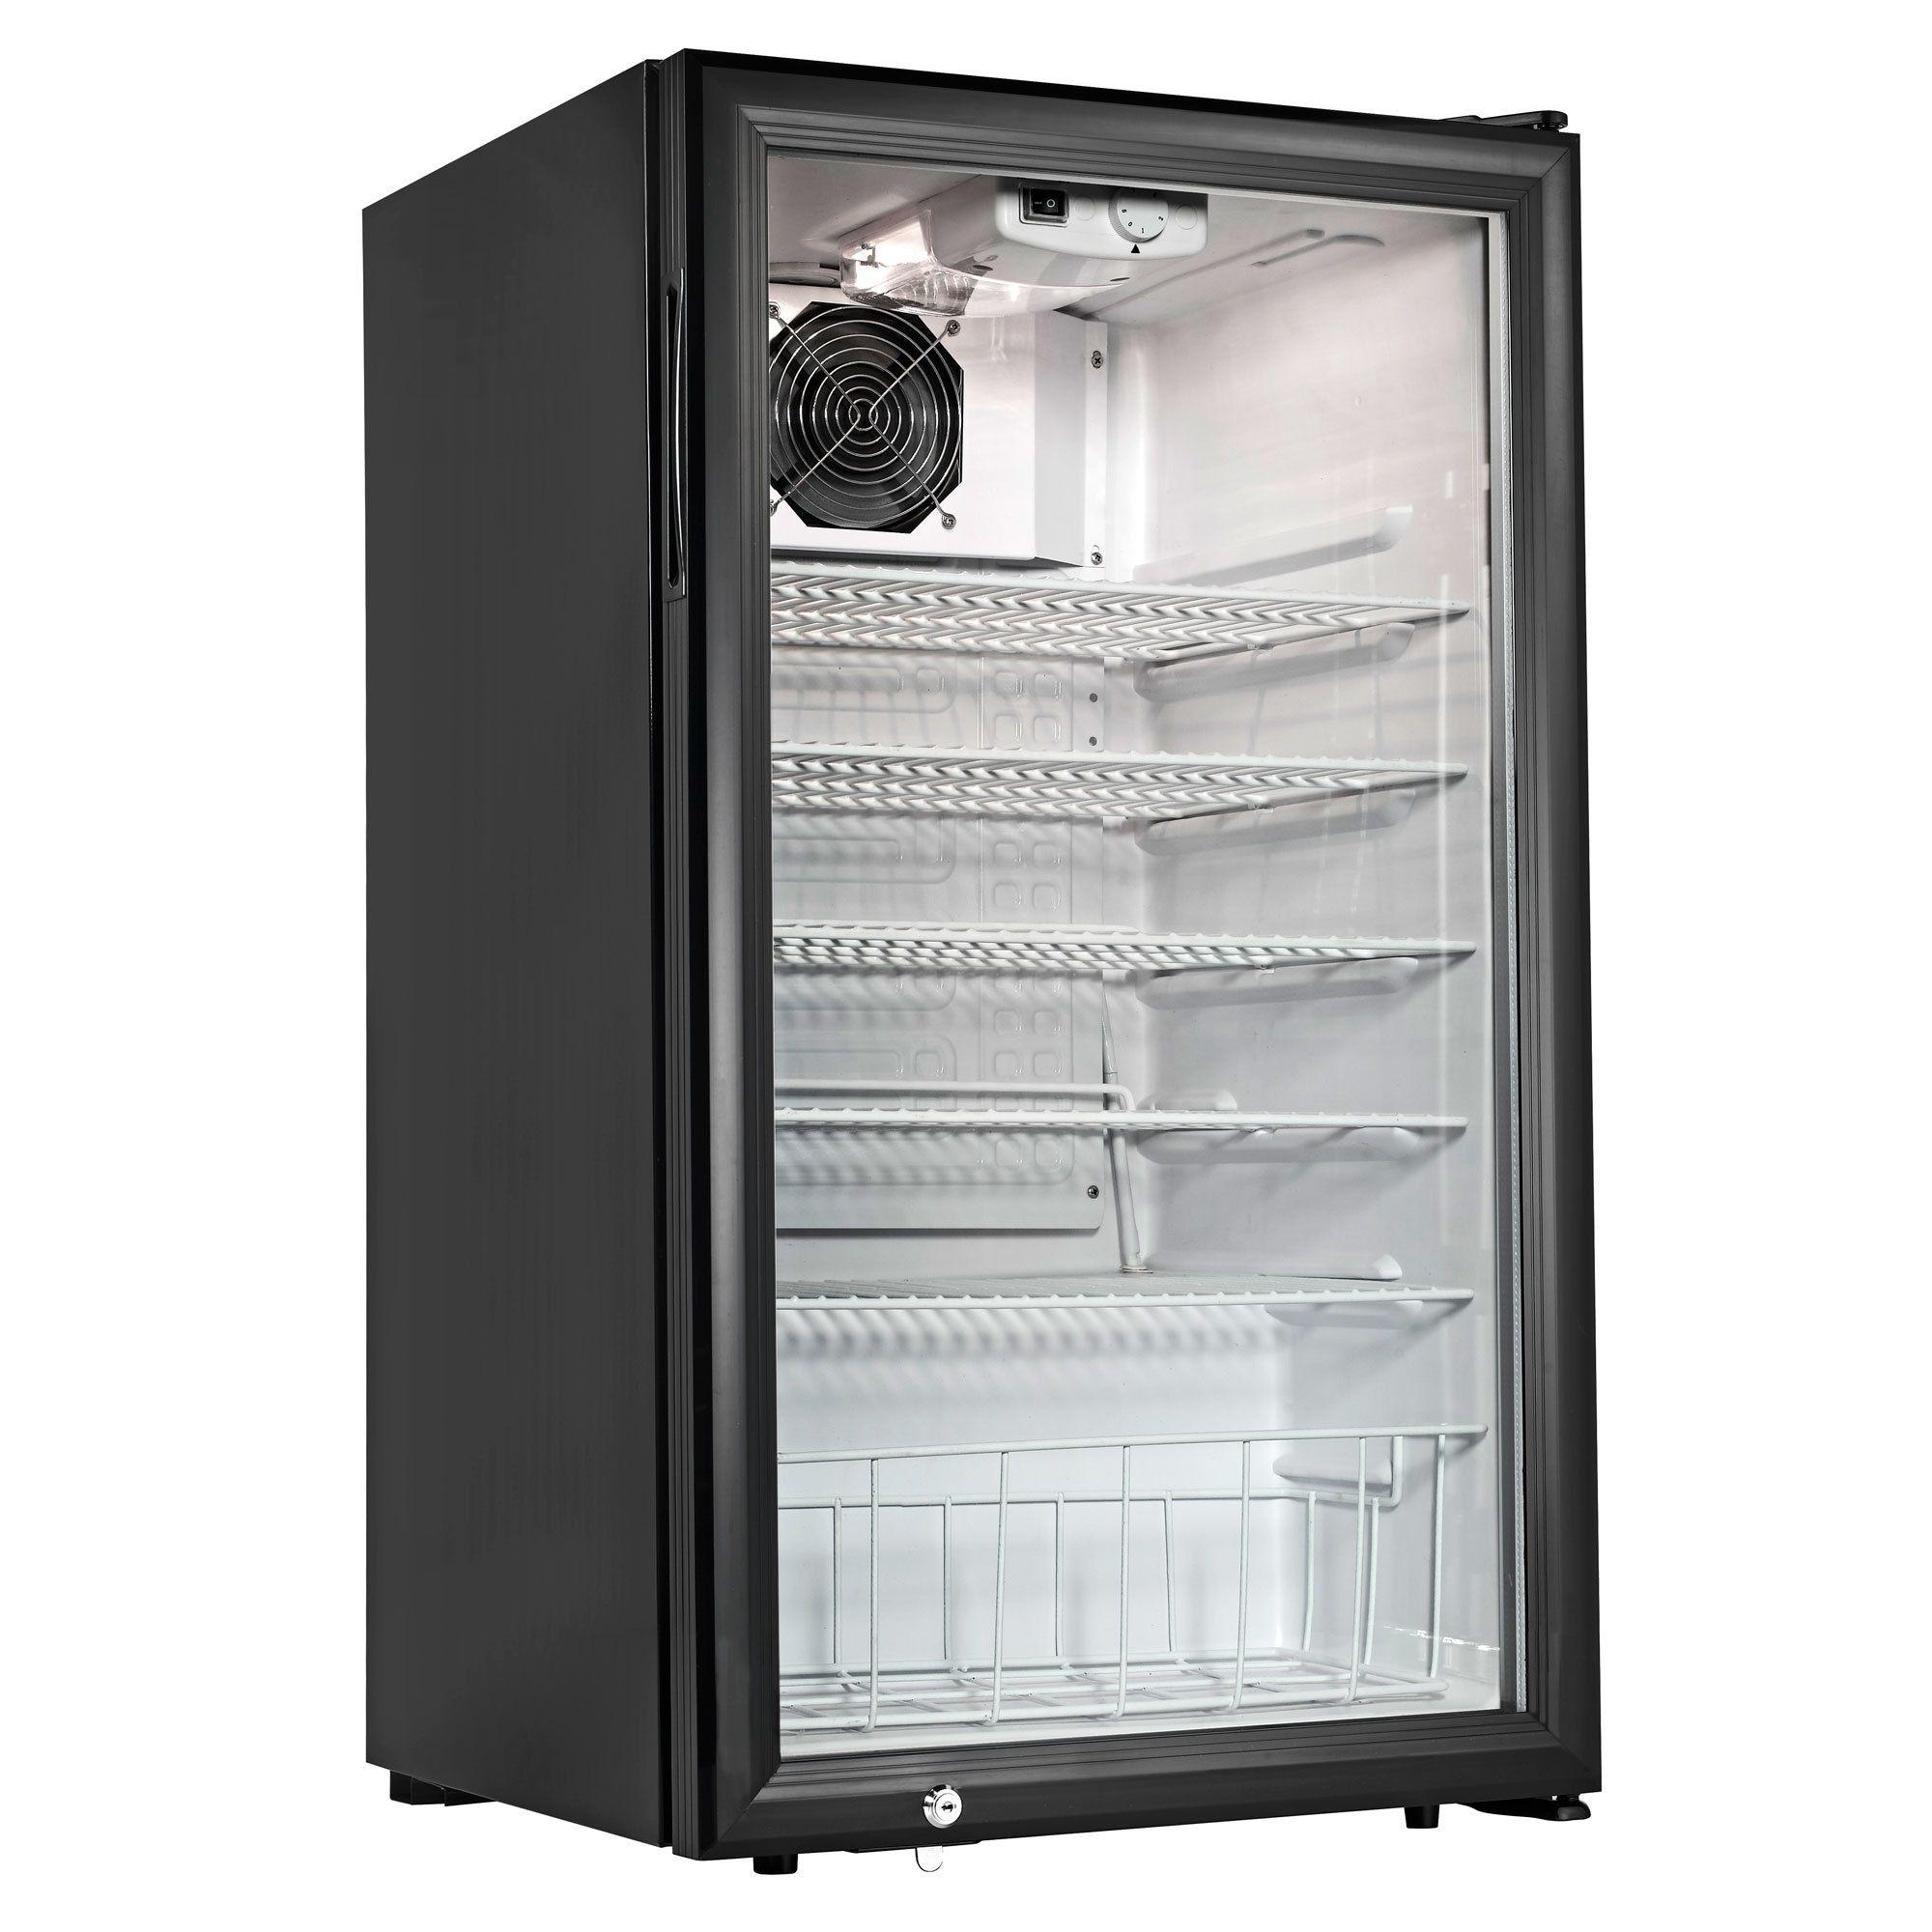 hot display cabinet by top refrigerator counter countertop warm elbe food unis